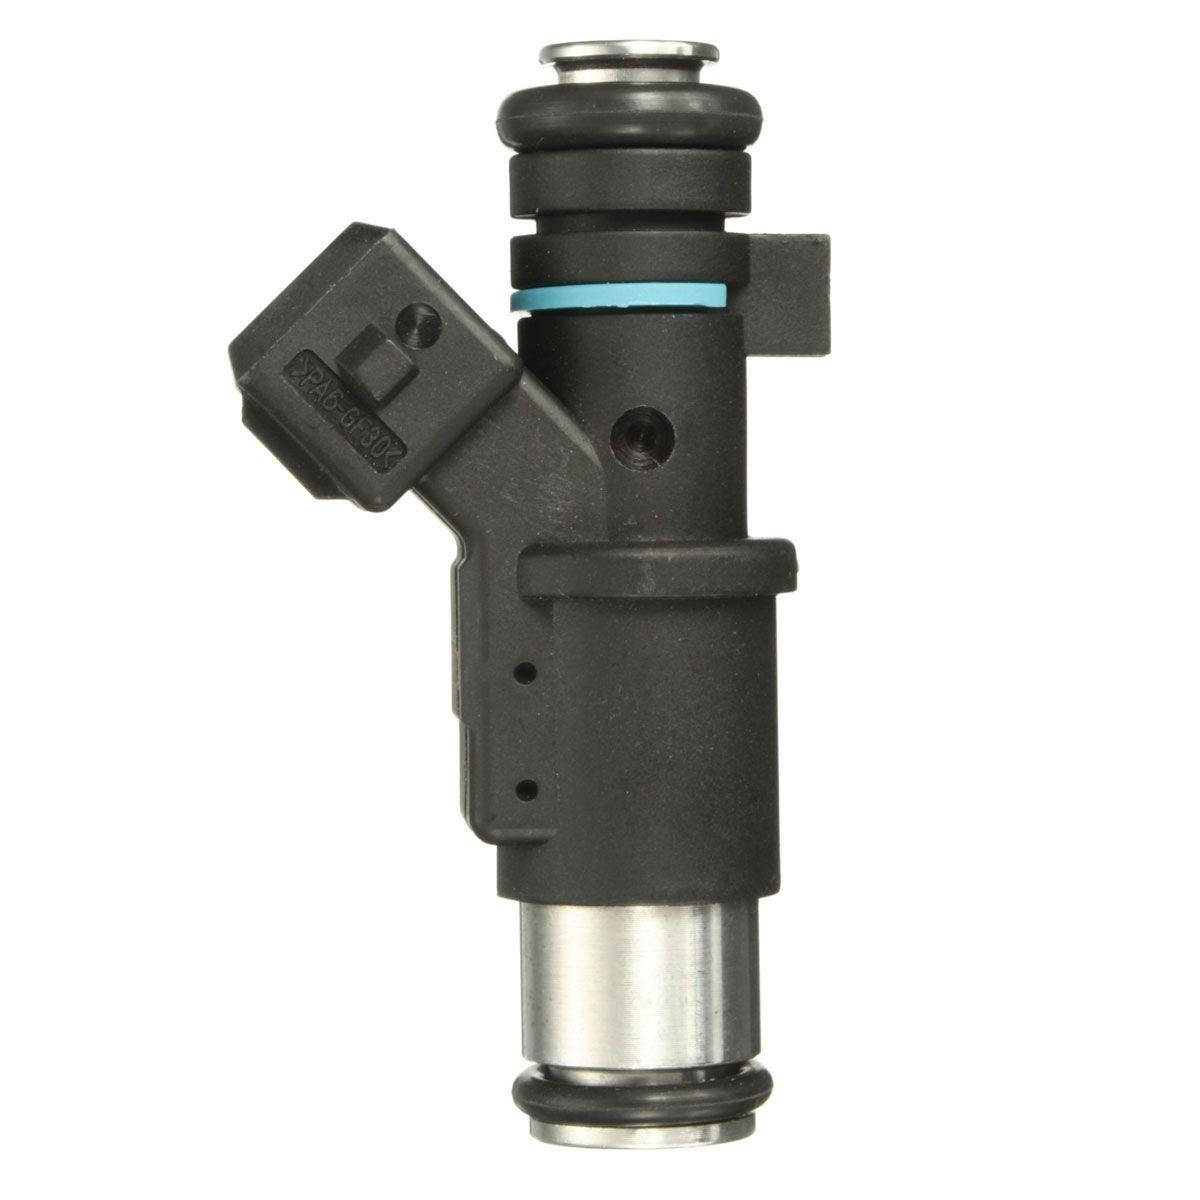 Petrol Fuel Injector For Peugeot 106 206 306 307 1007 Partner 01F002A Black For Partner for Citroen For Berlingo C2 C3